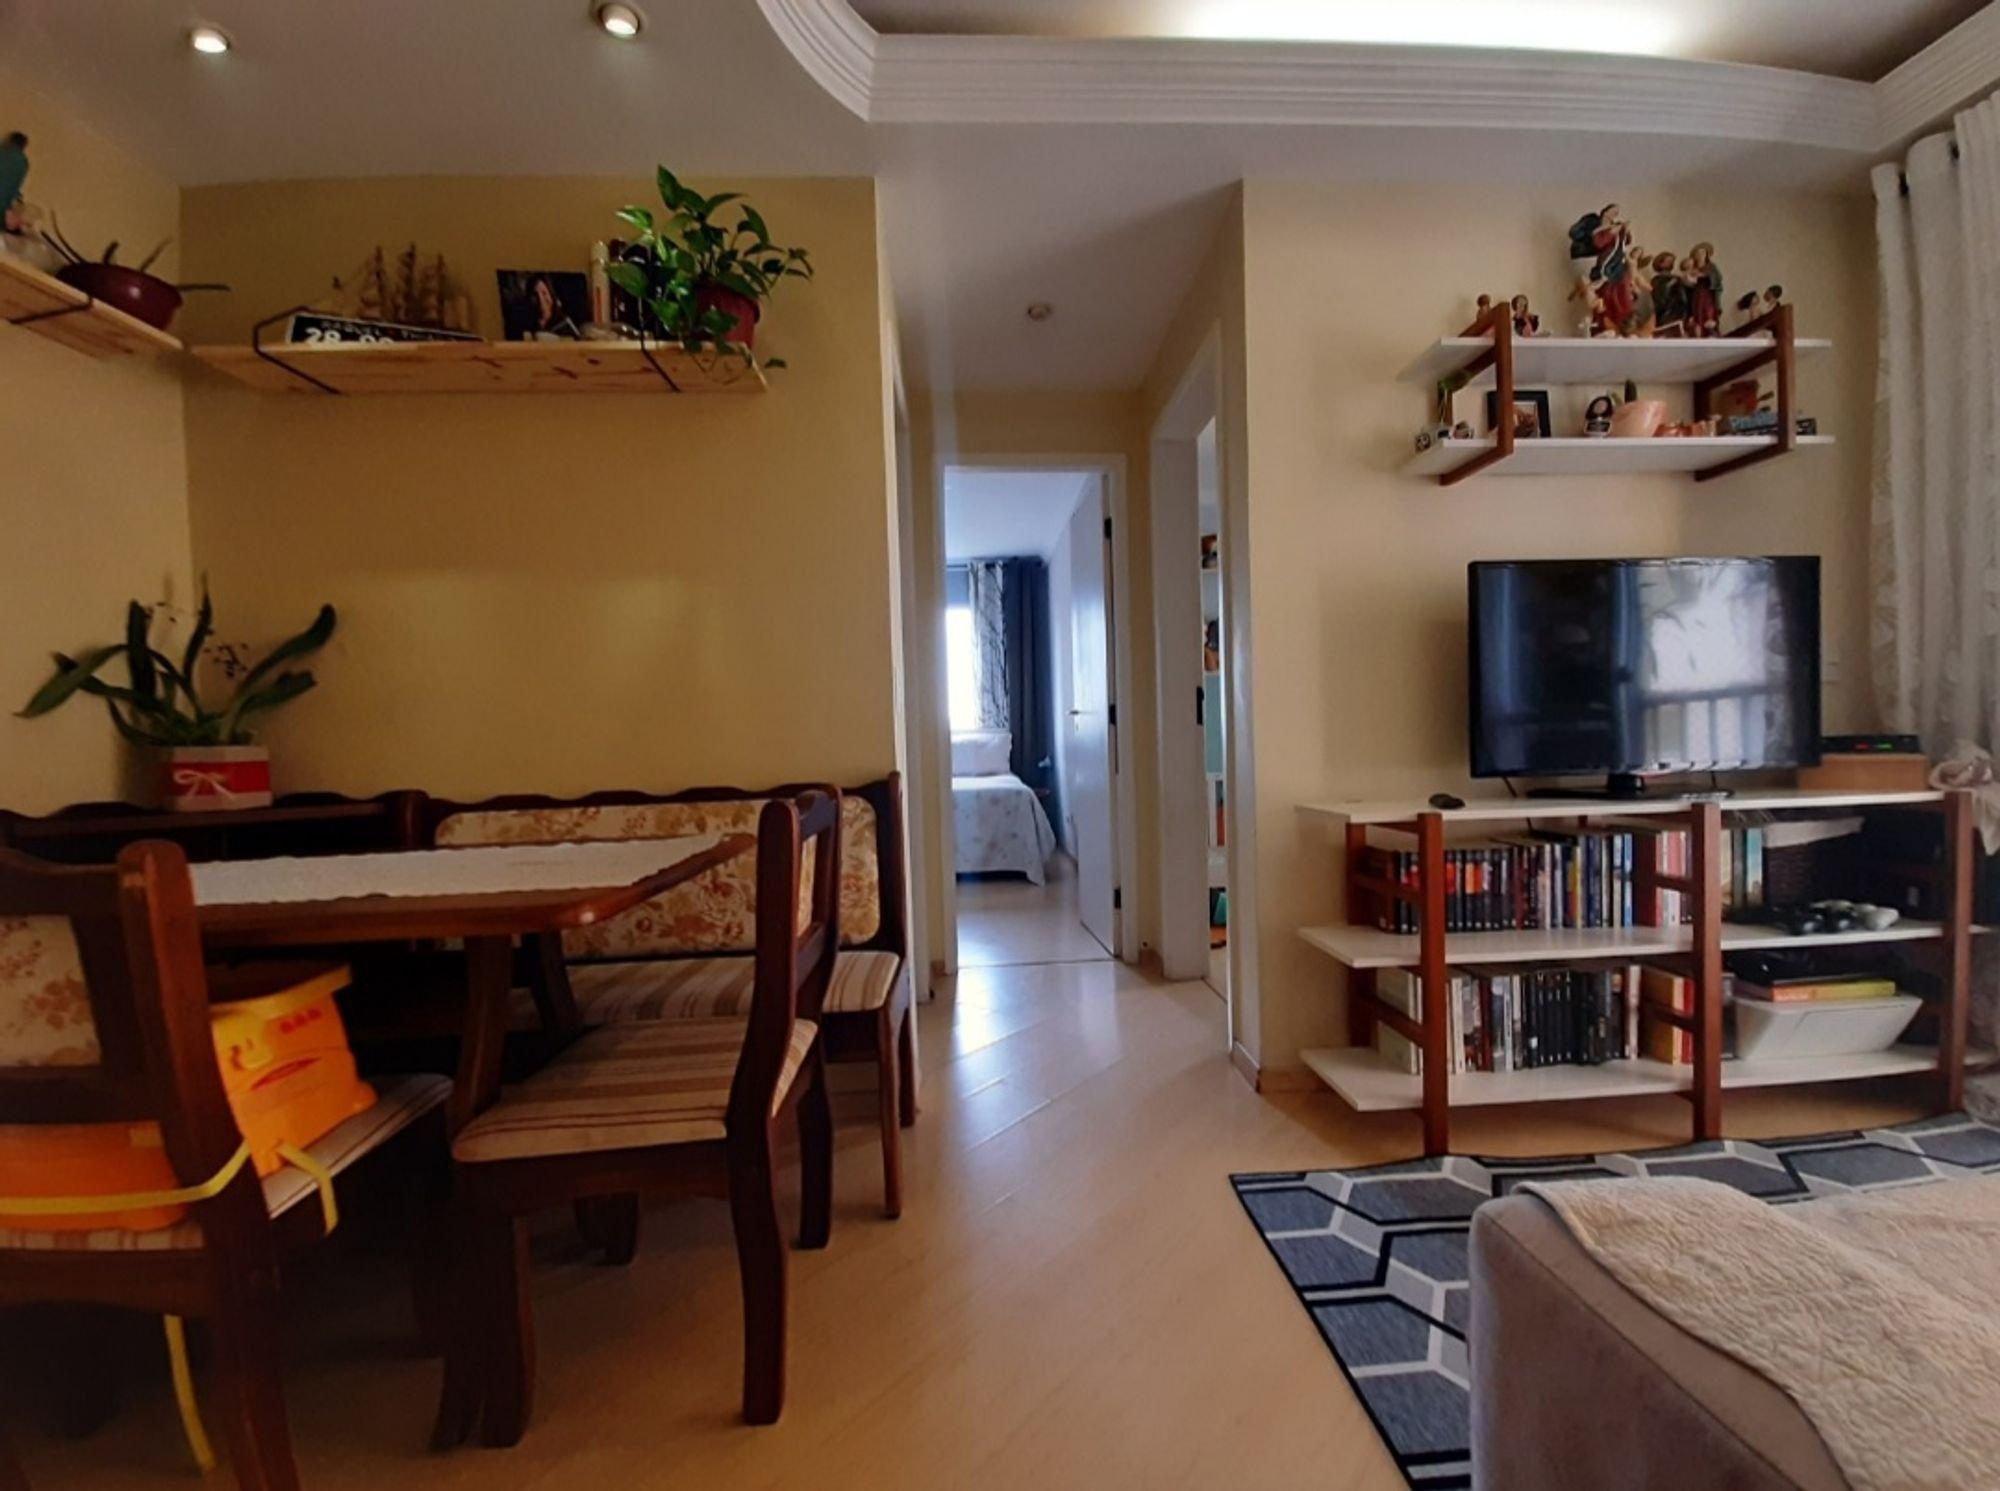 Foto de Sala com cama, vaso de planta, cadeira, livro